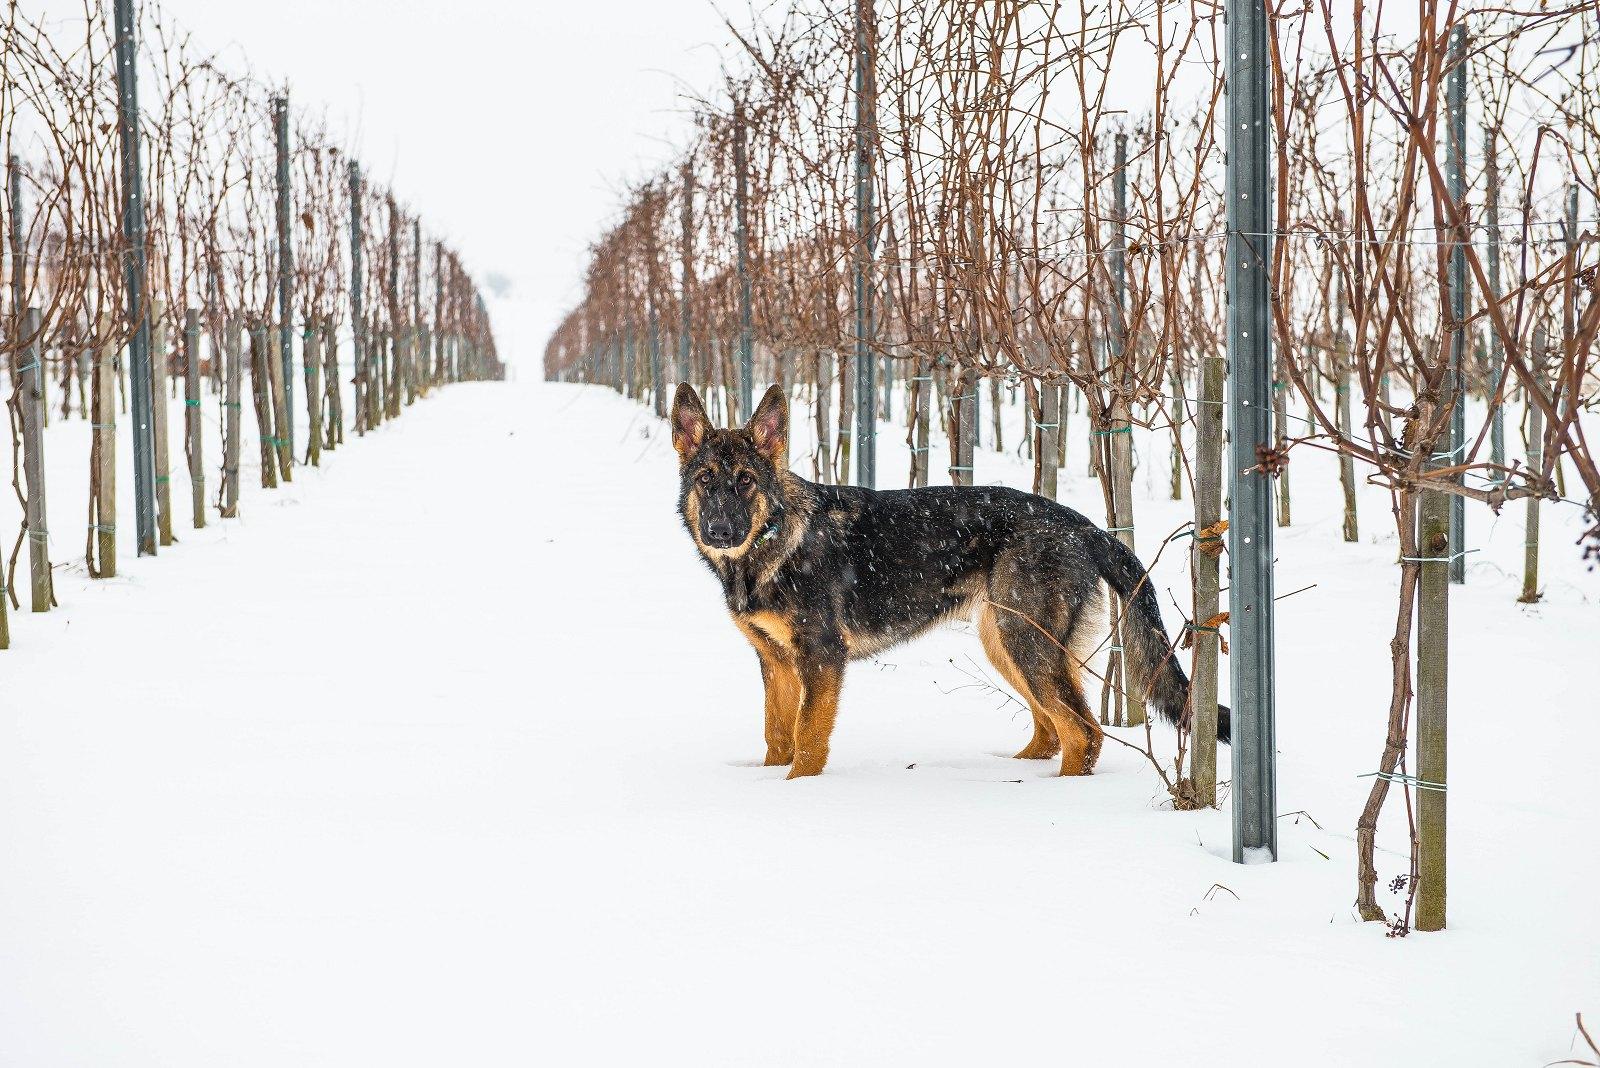 winnica, zima, winter, dog, owczarek, polskawinnica, polskie, wino, uprawa, winorośl